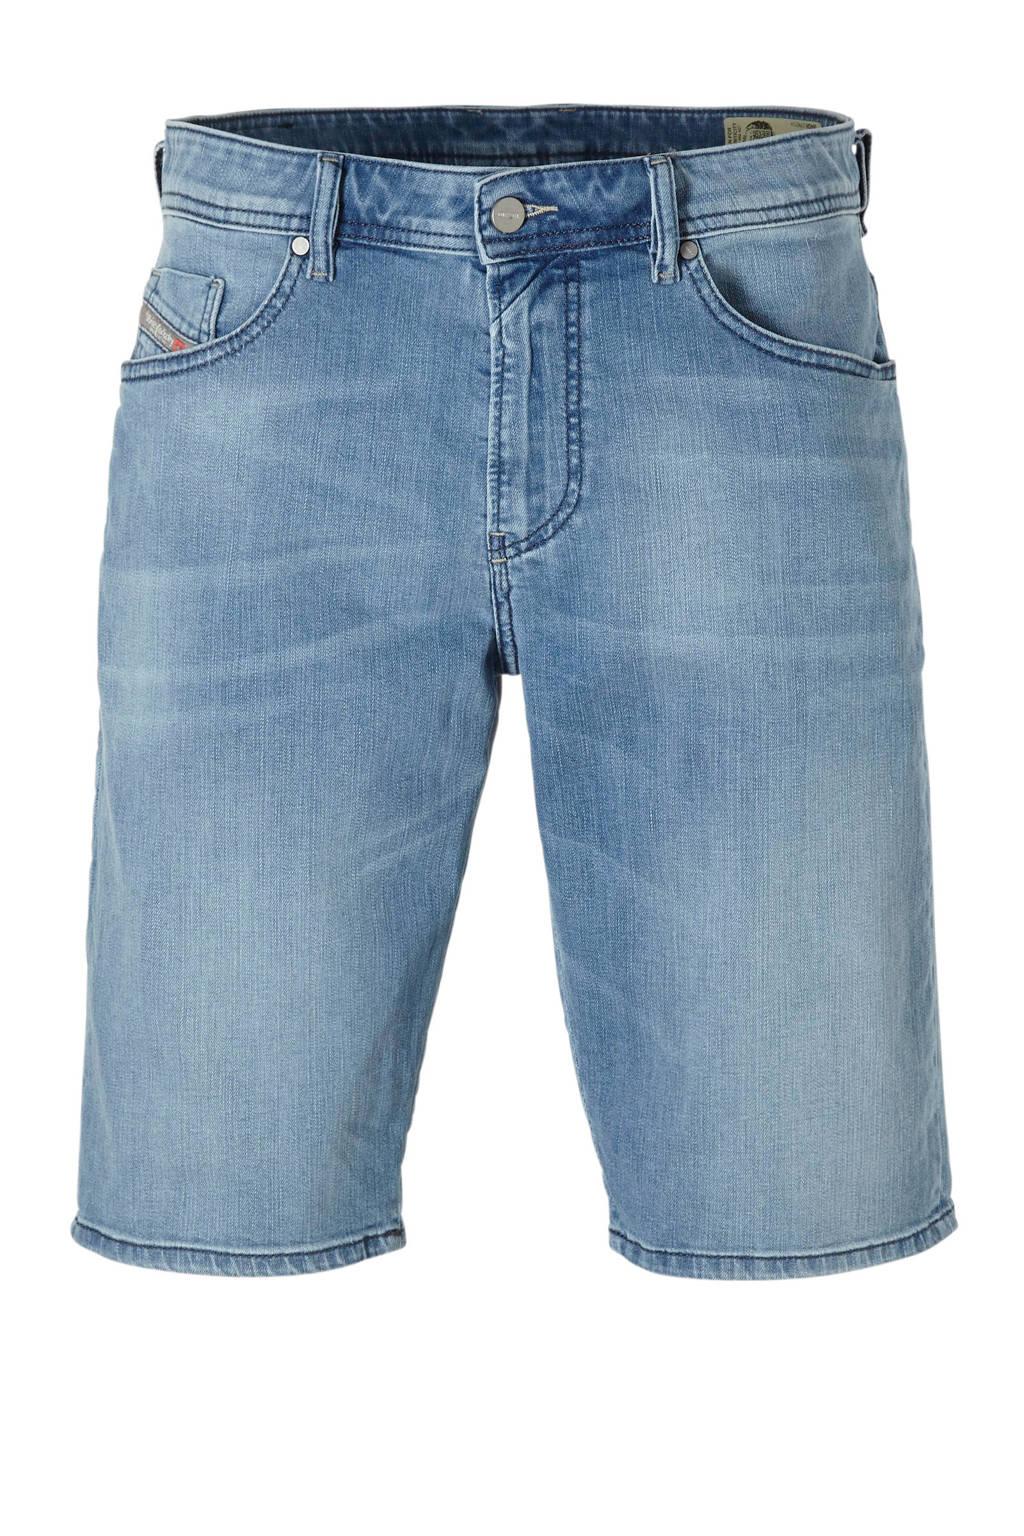 Diesel slim fit jeans short, Lichtblauw